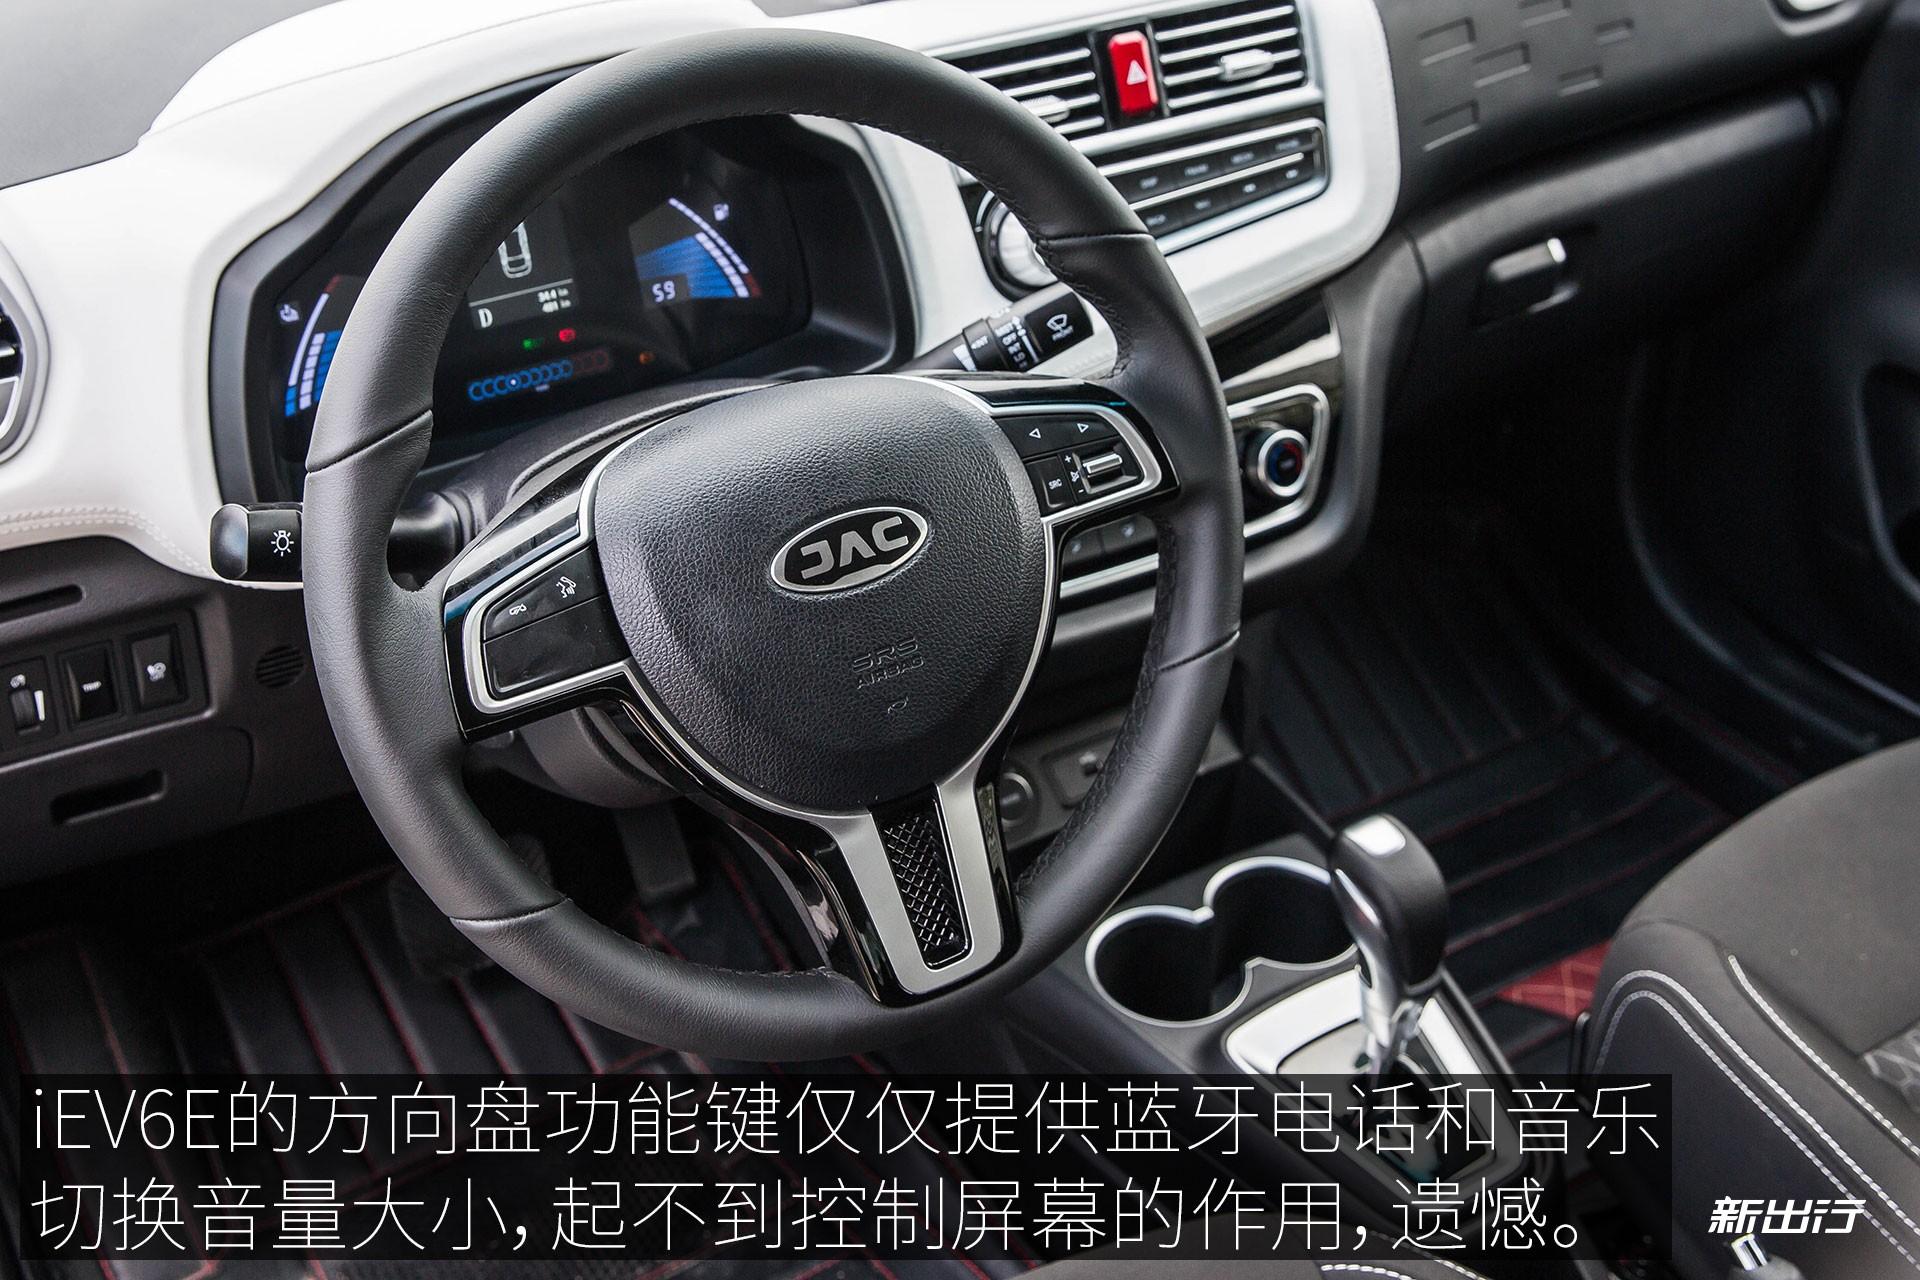 五车对比_多媒体系统对比_江淮iEV6E_04.jpg